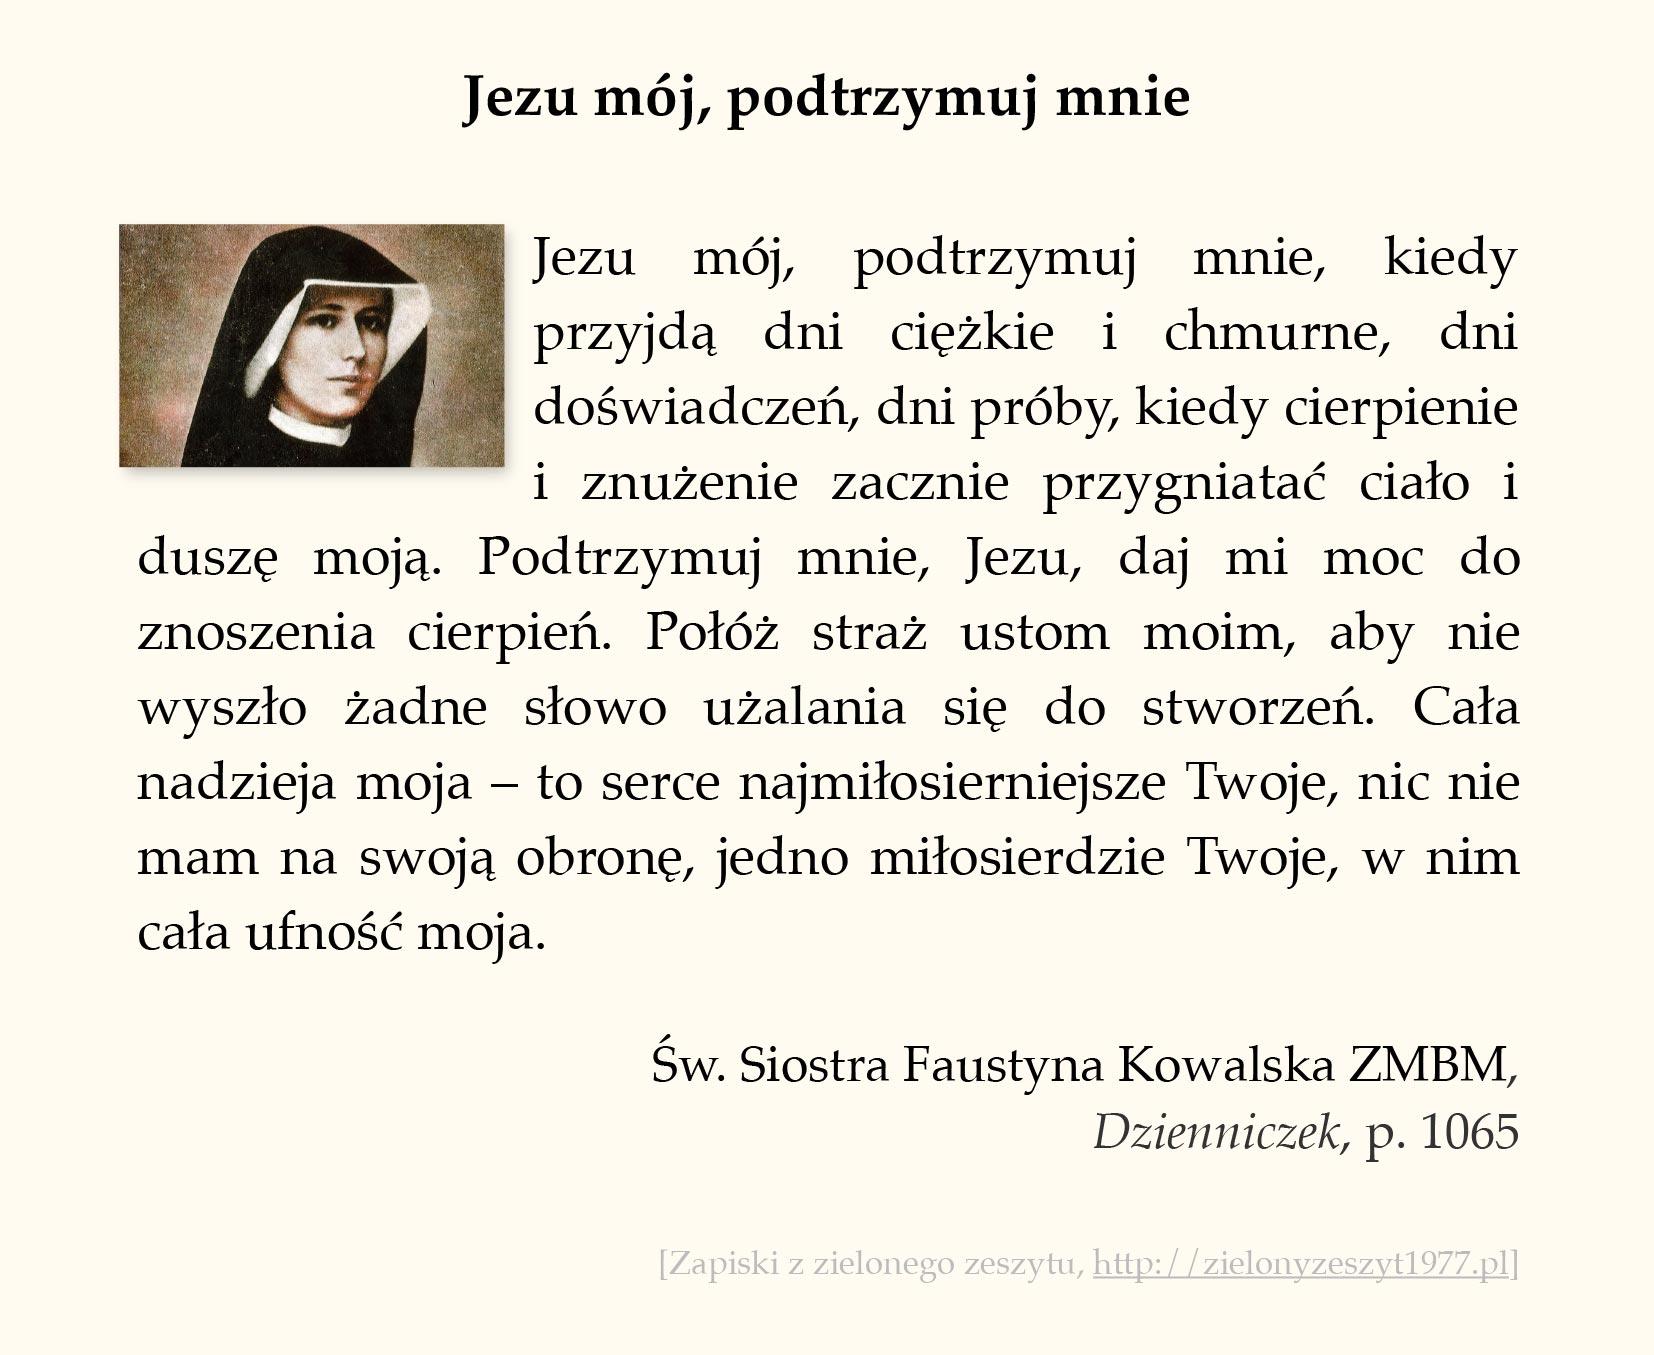 Jezu mój, podtrzymuj mnie; św. Faustyna Kowalska